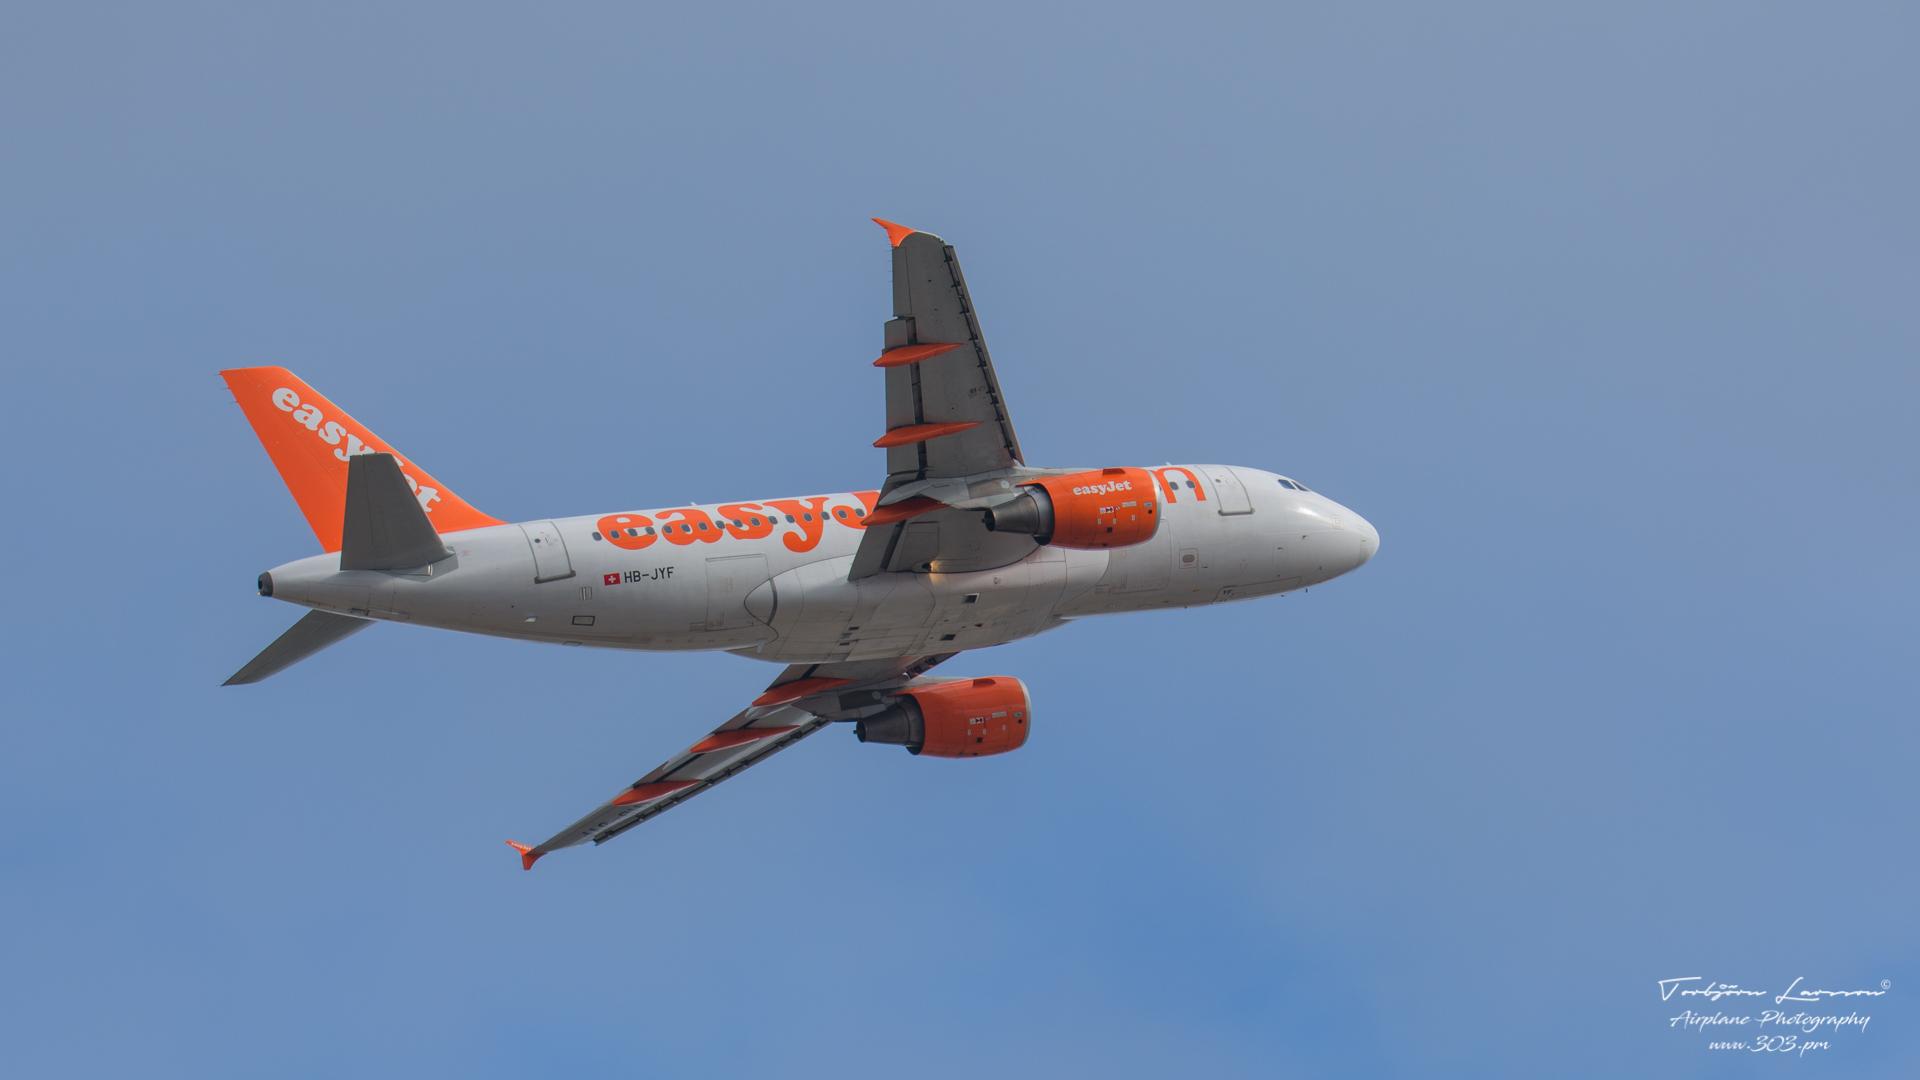 DSC_1551-EasyJet HB-JYF - Airbus A319-111 (HB-JYF)